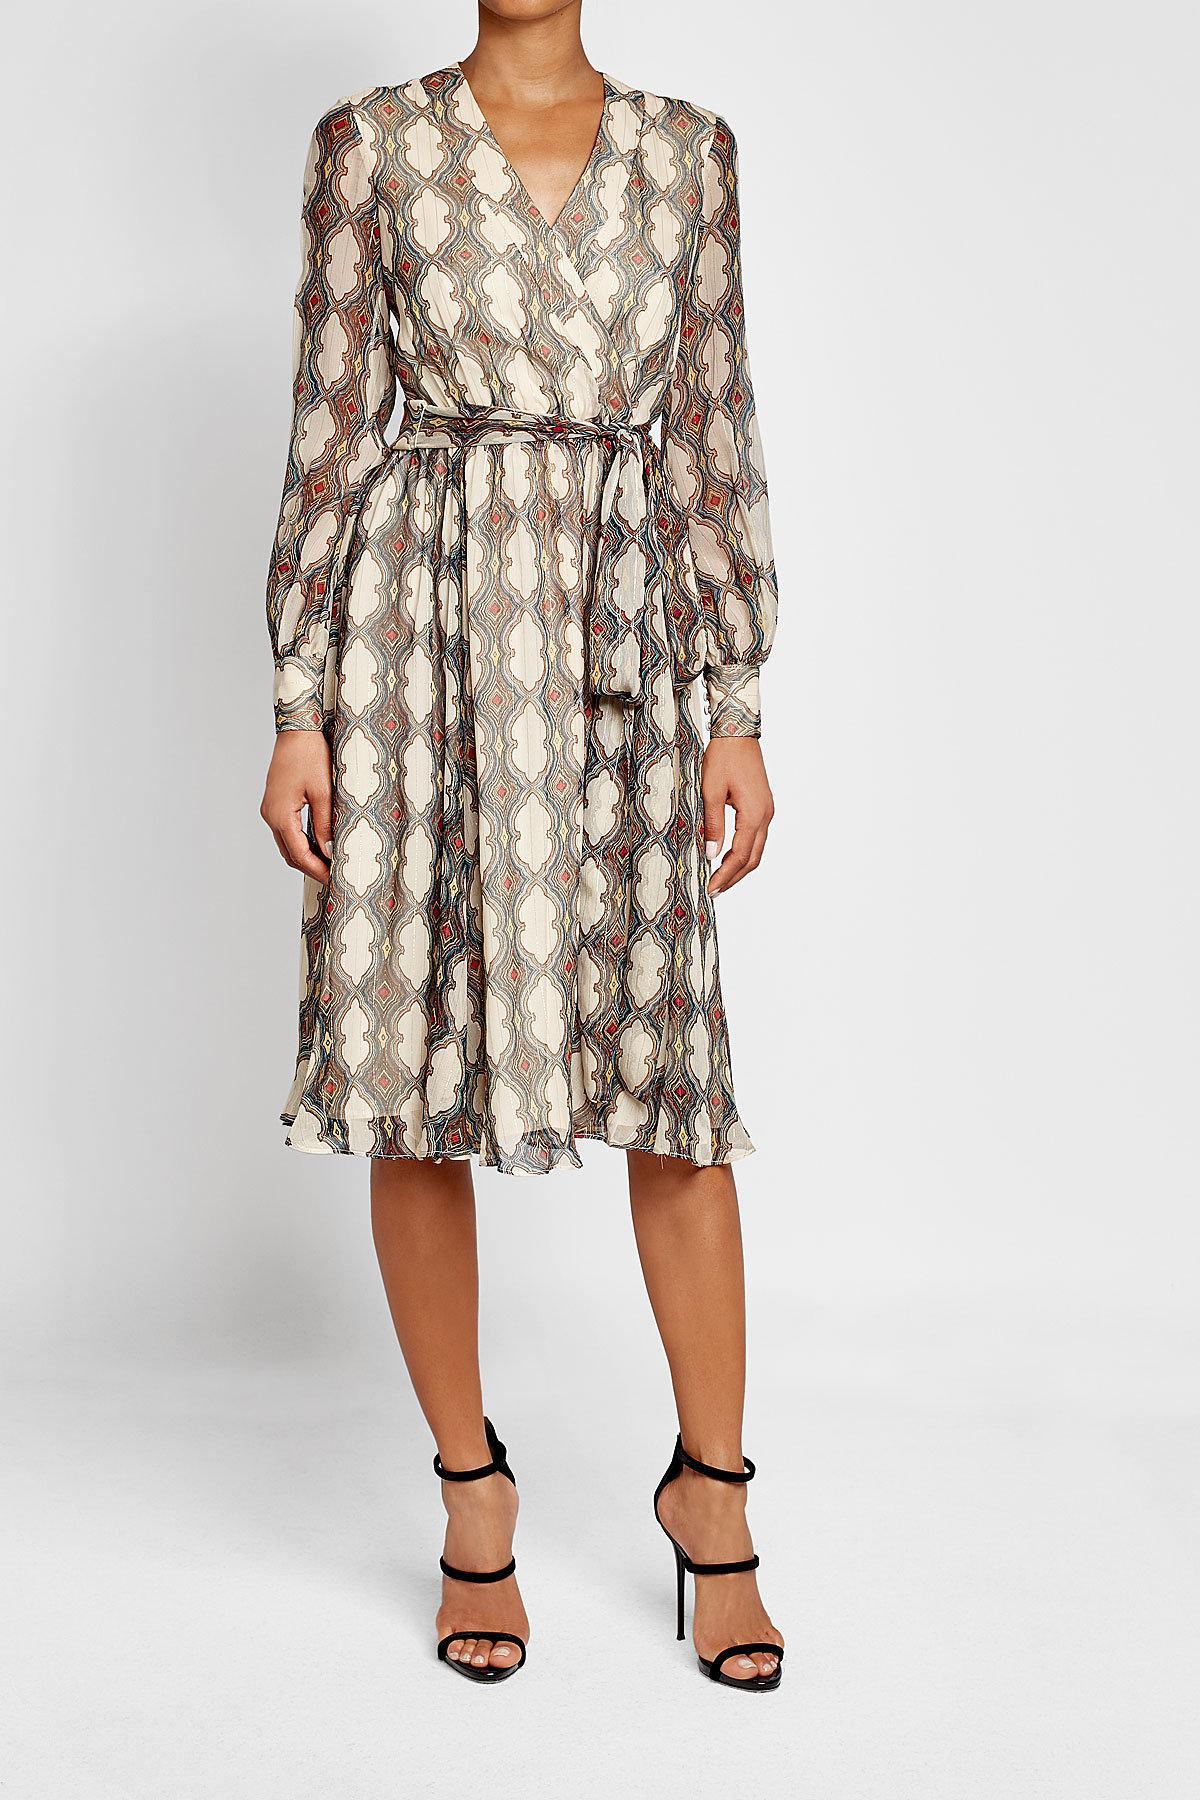 9affe1b6e Lyst - DHELA Printed Silk Dress With Metallic Thread